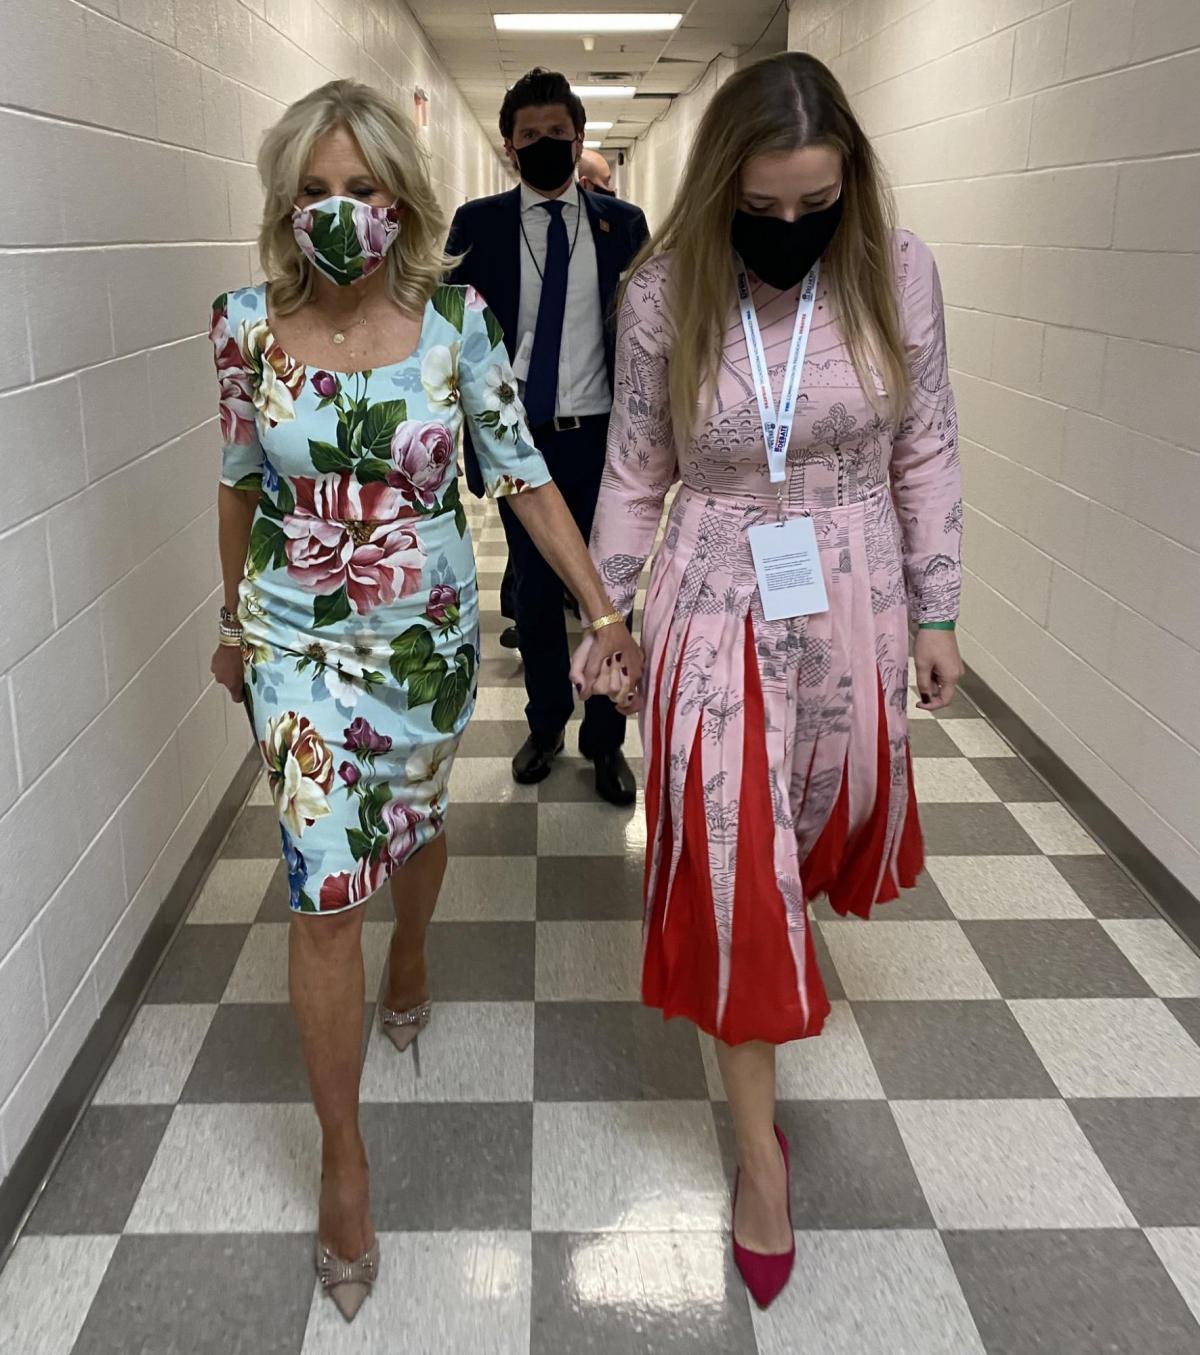 Джилл Байден в брендовом платье / фото twitter.com/DrBiden